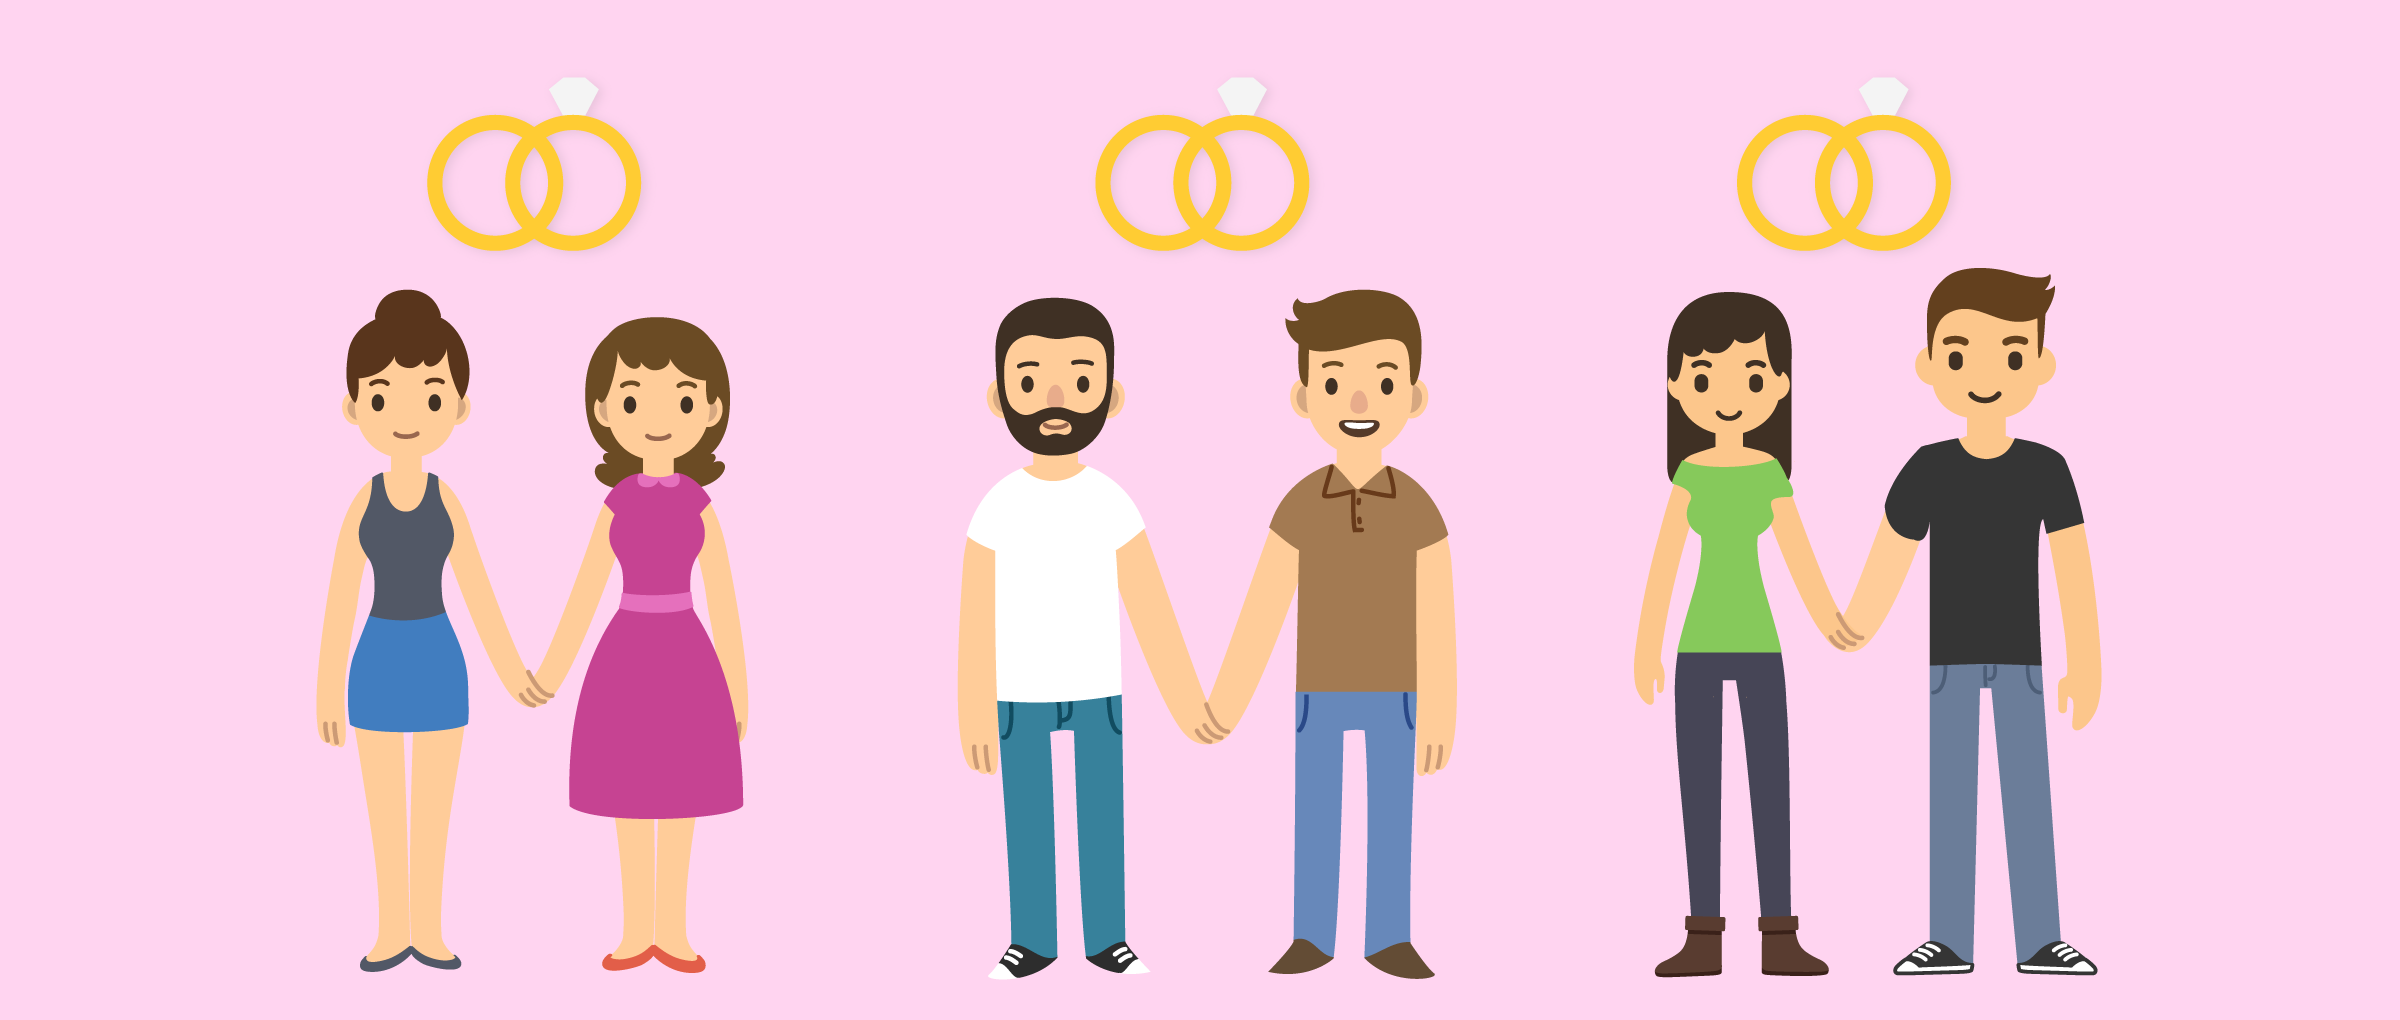 Matrimonio para acceder a la gestación subrogada en Florida